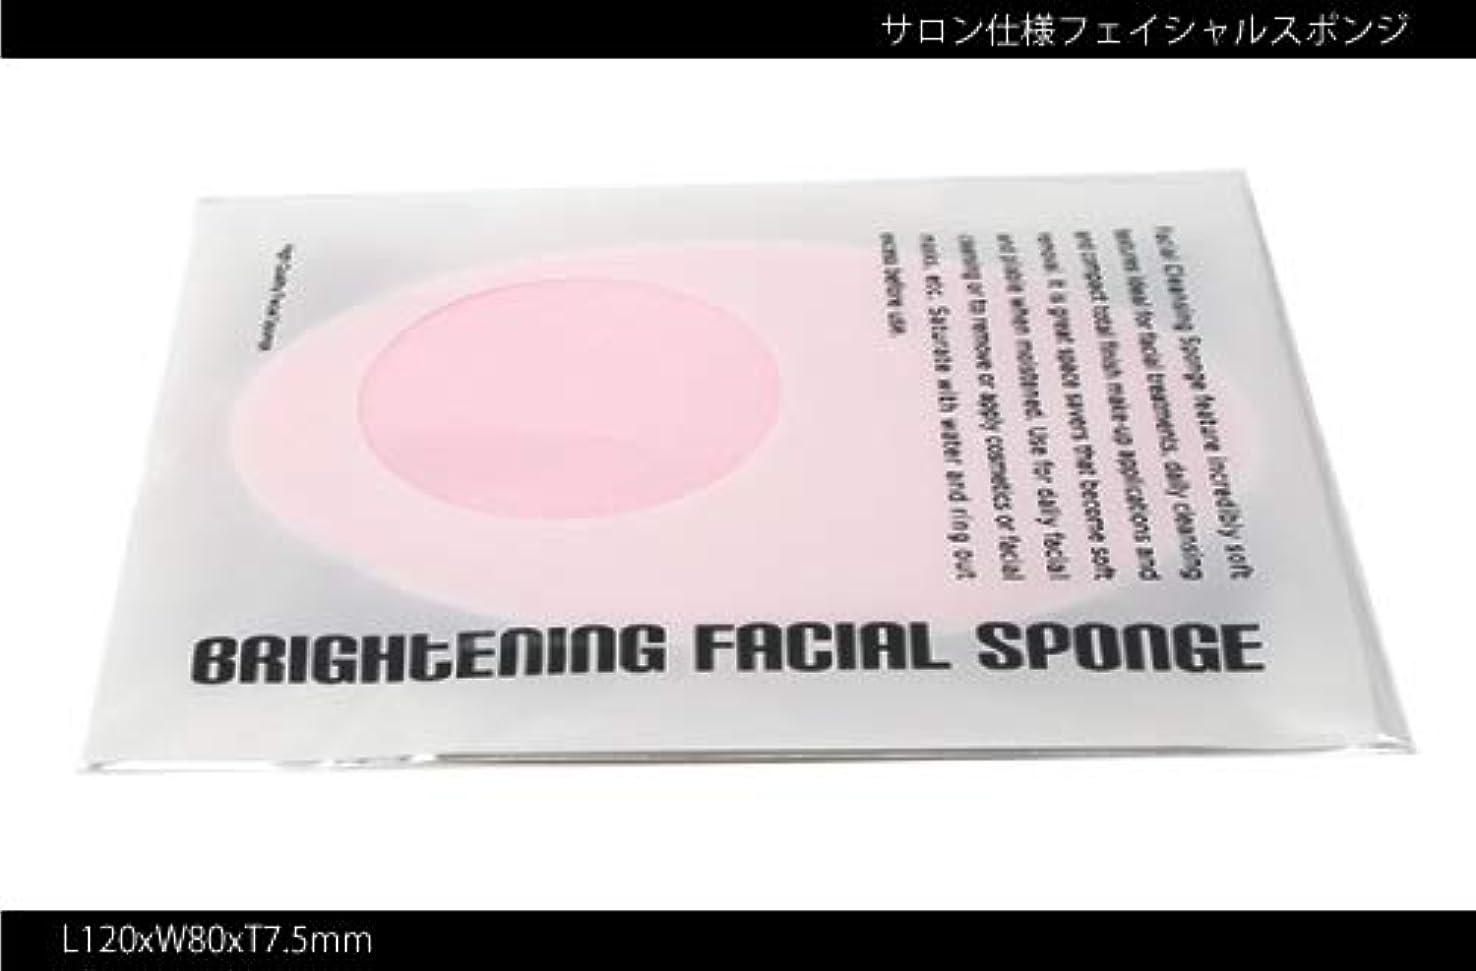 エステプロユース フェイシャル スポンジ(どんな細かい汚れにも対応、肌に優しいスポンジ。)